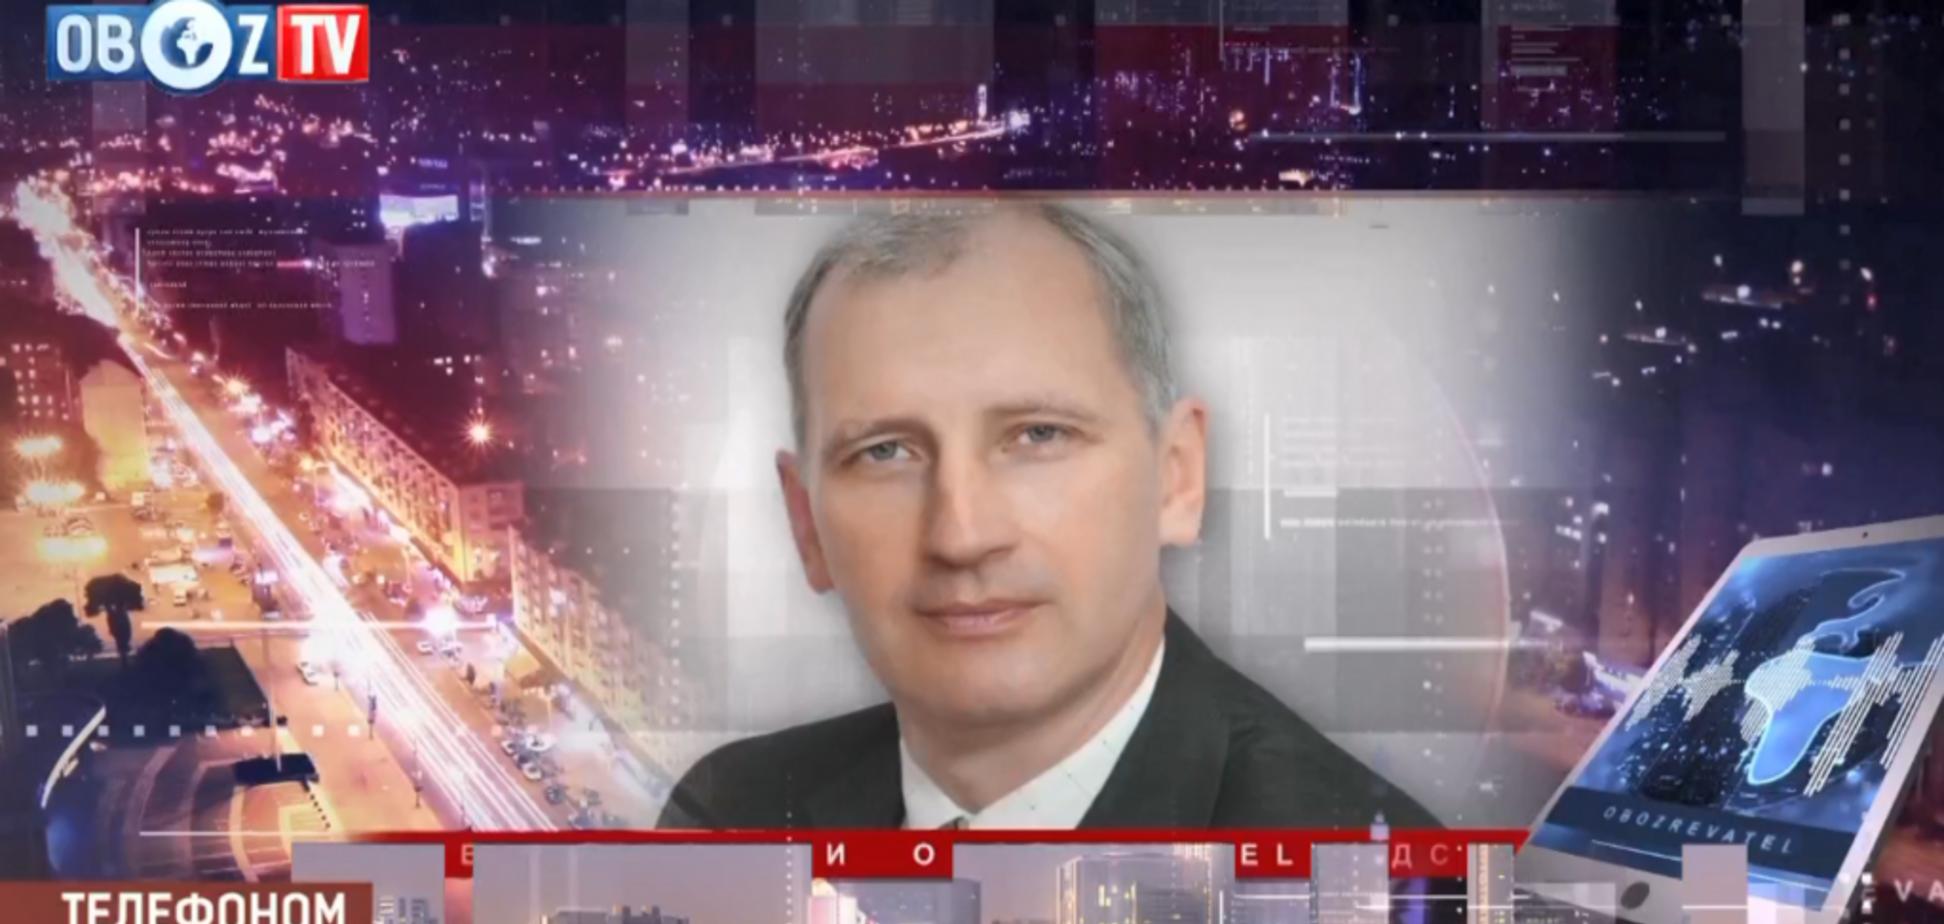 'Фантомные боли': скандальному заявлению Путина об Украине дали объяснение